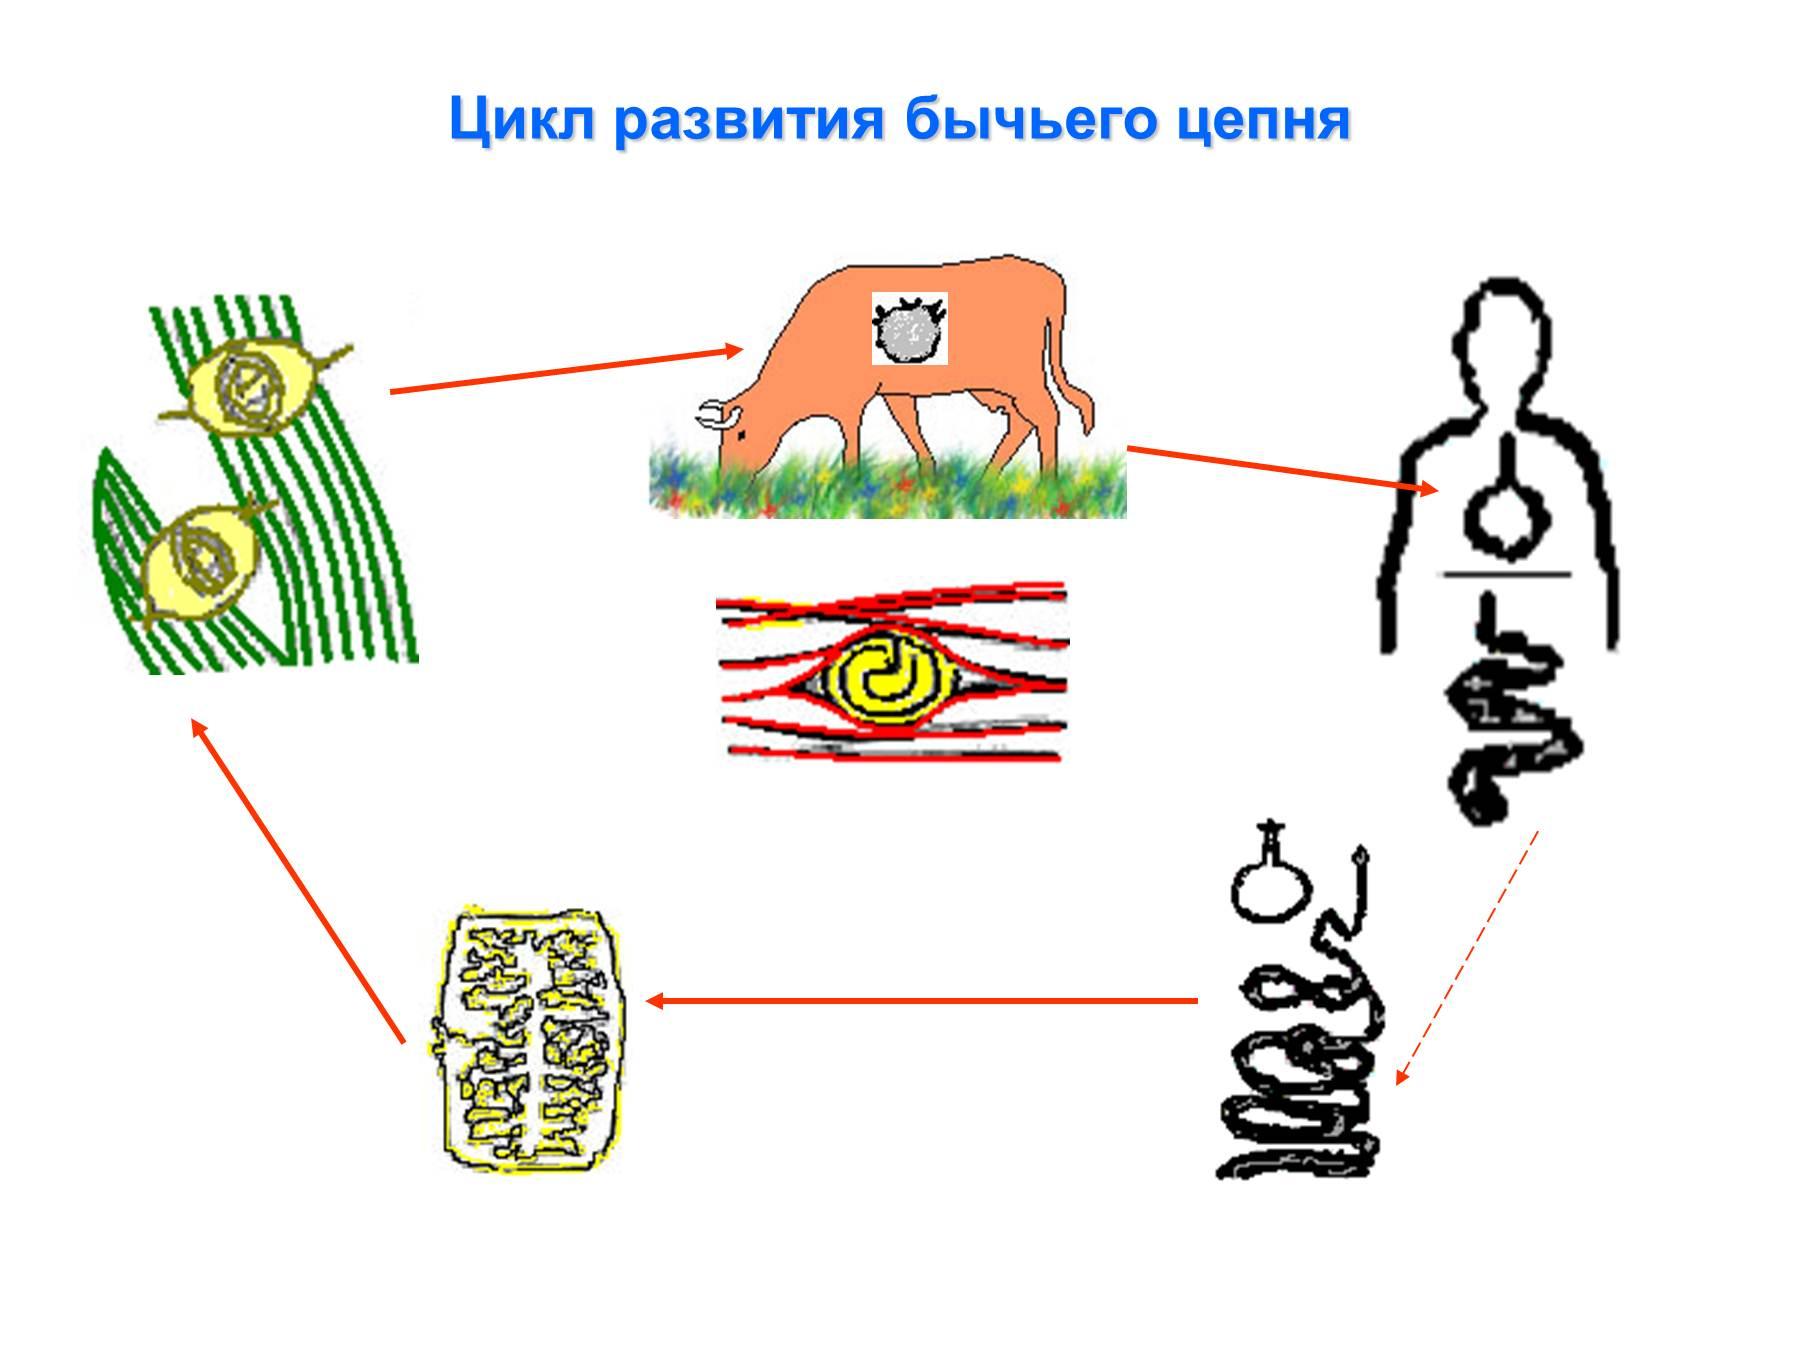 Схема цикла развития бычьего цепня